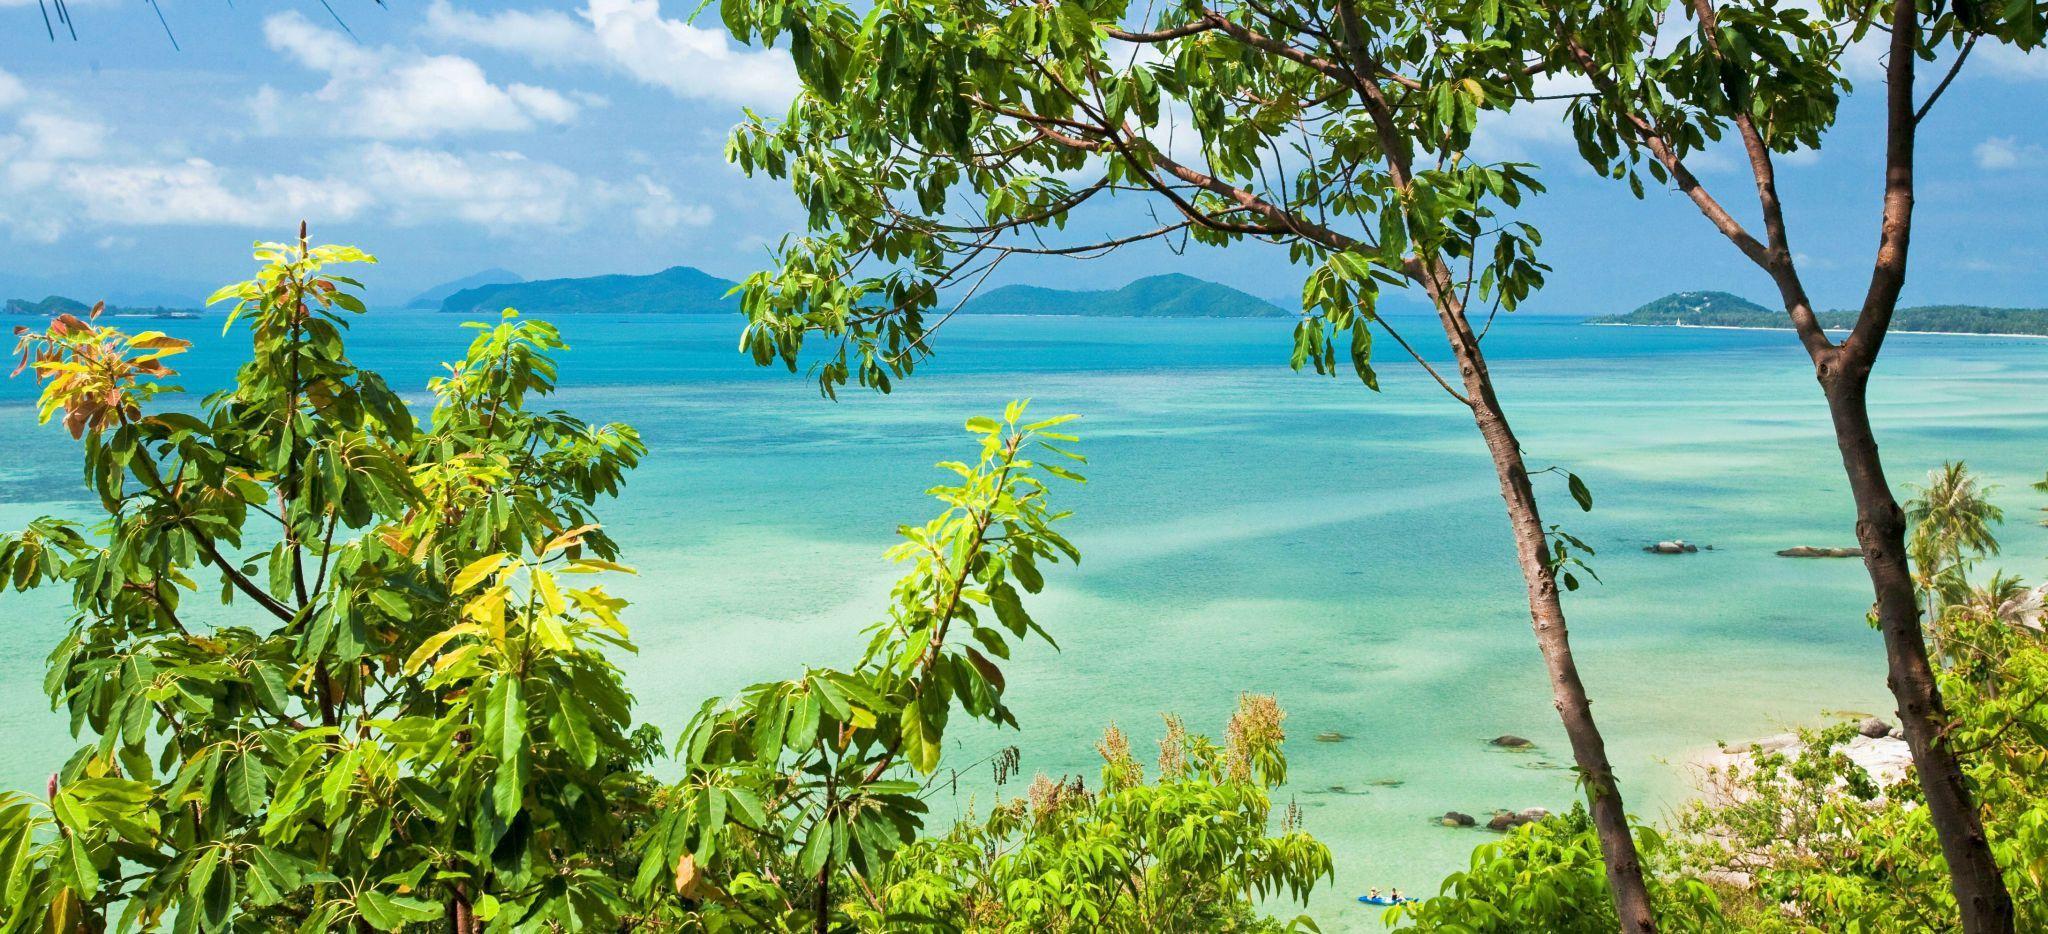 Blick auf das Meer und das Festland durch Bäume, aufgenommen im Hotel Kamalaya, Thailand